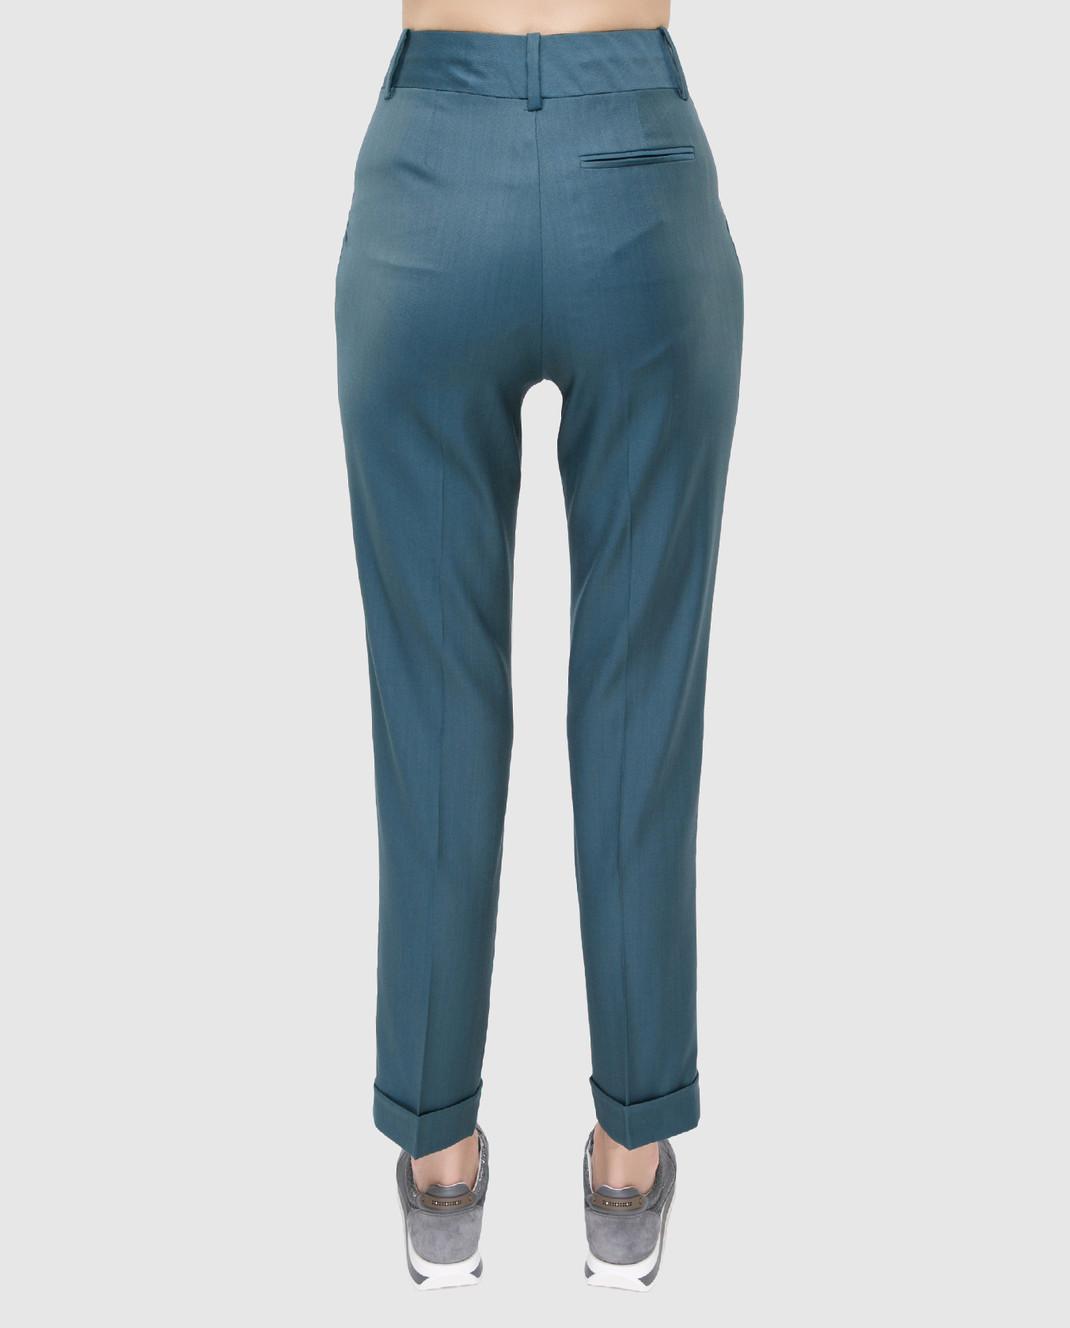 Maison Ullens Светло-синие брюки из шерсти изображение 4